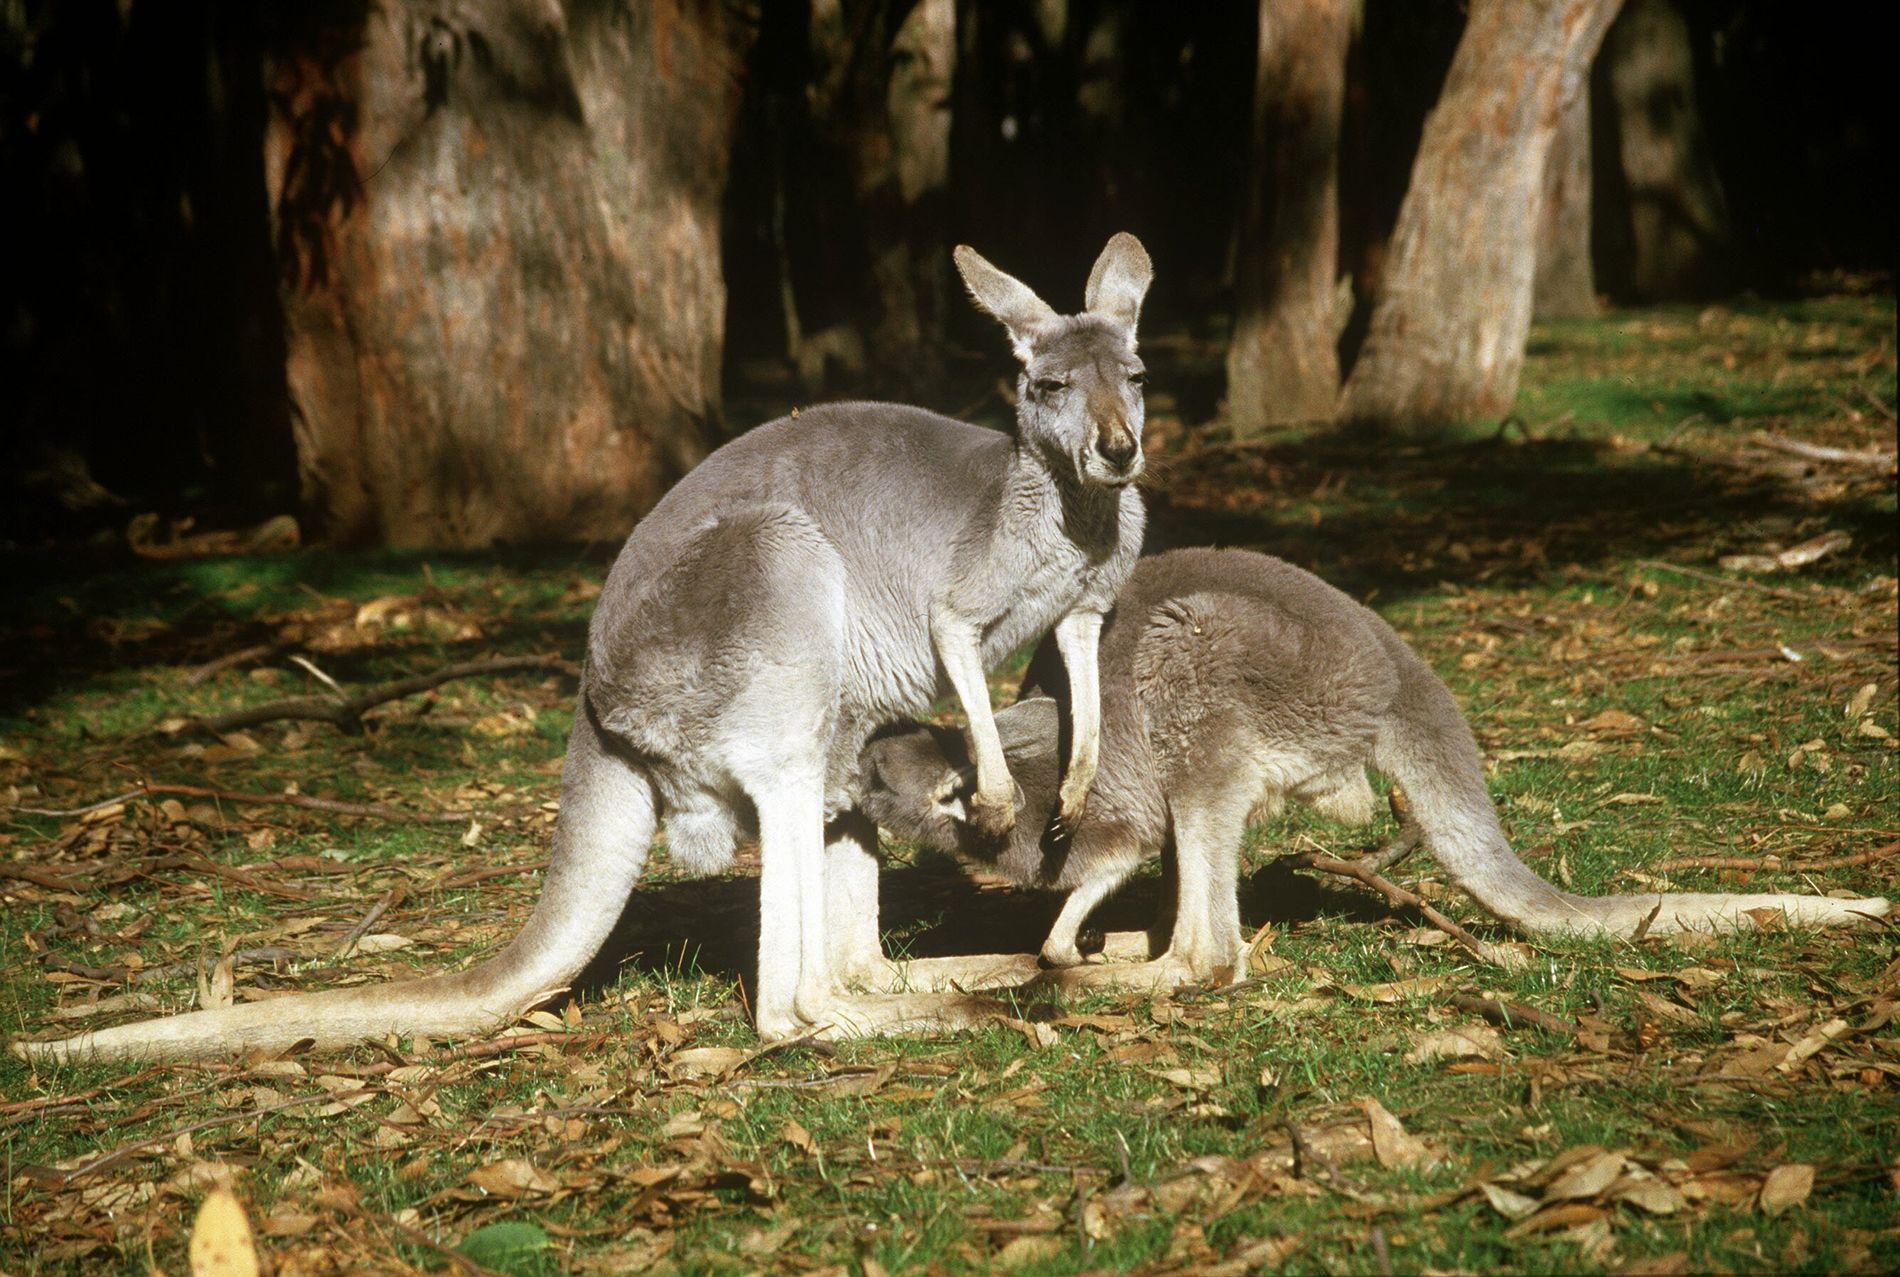 NATURLIG: Her kenguruer i sitt naturlige habitat, i Australia. Nå er altså en artsfrende savnet på Karmøy.